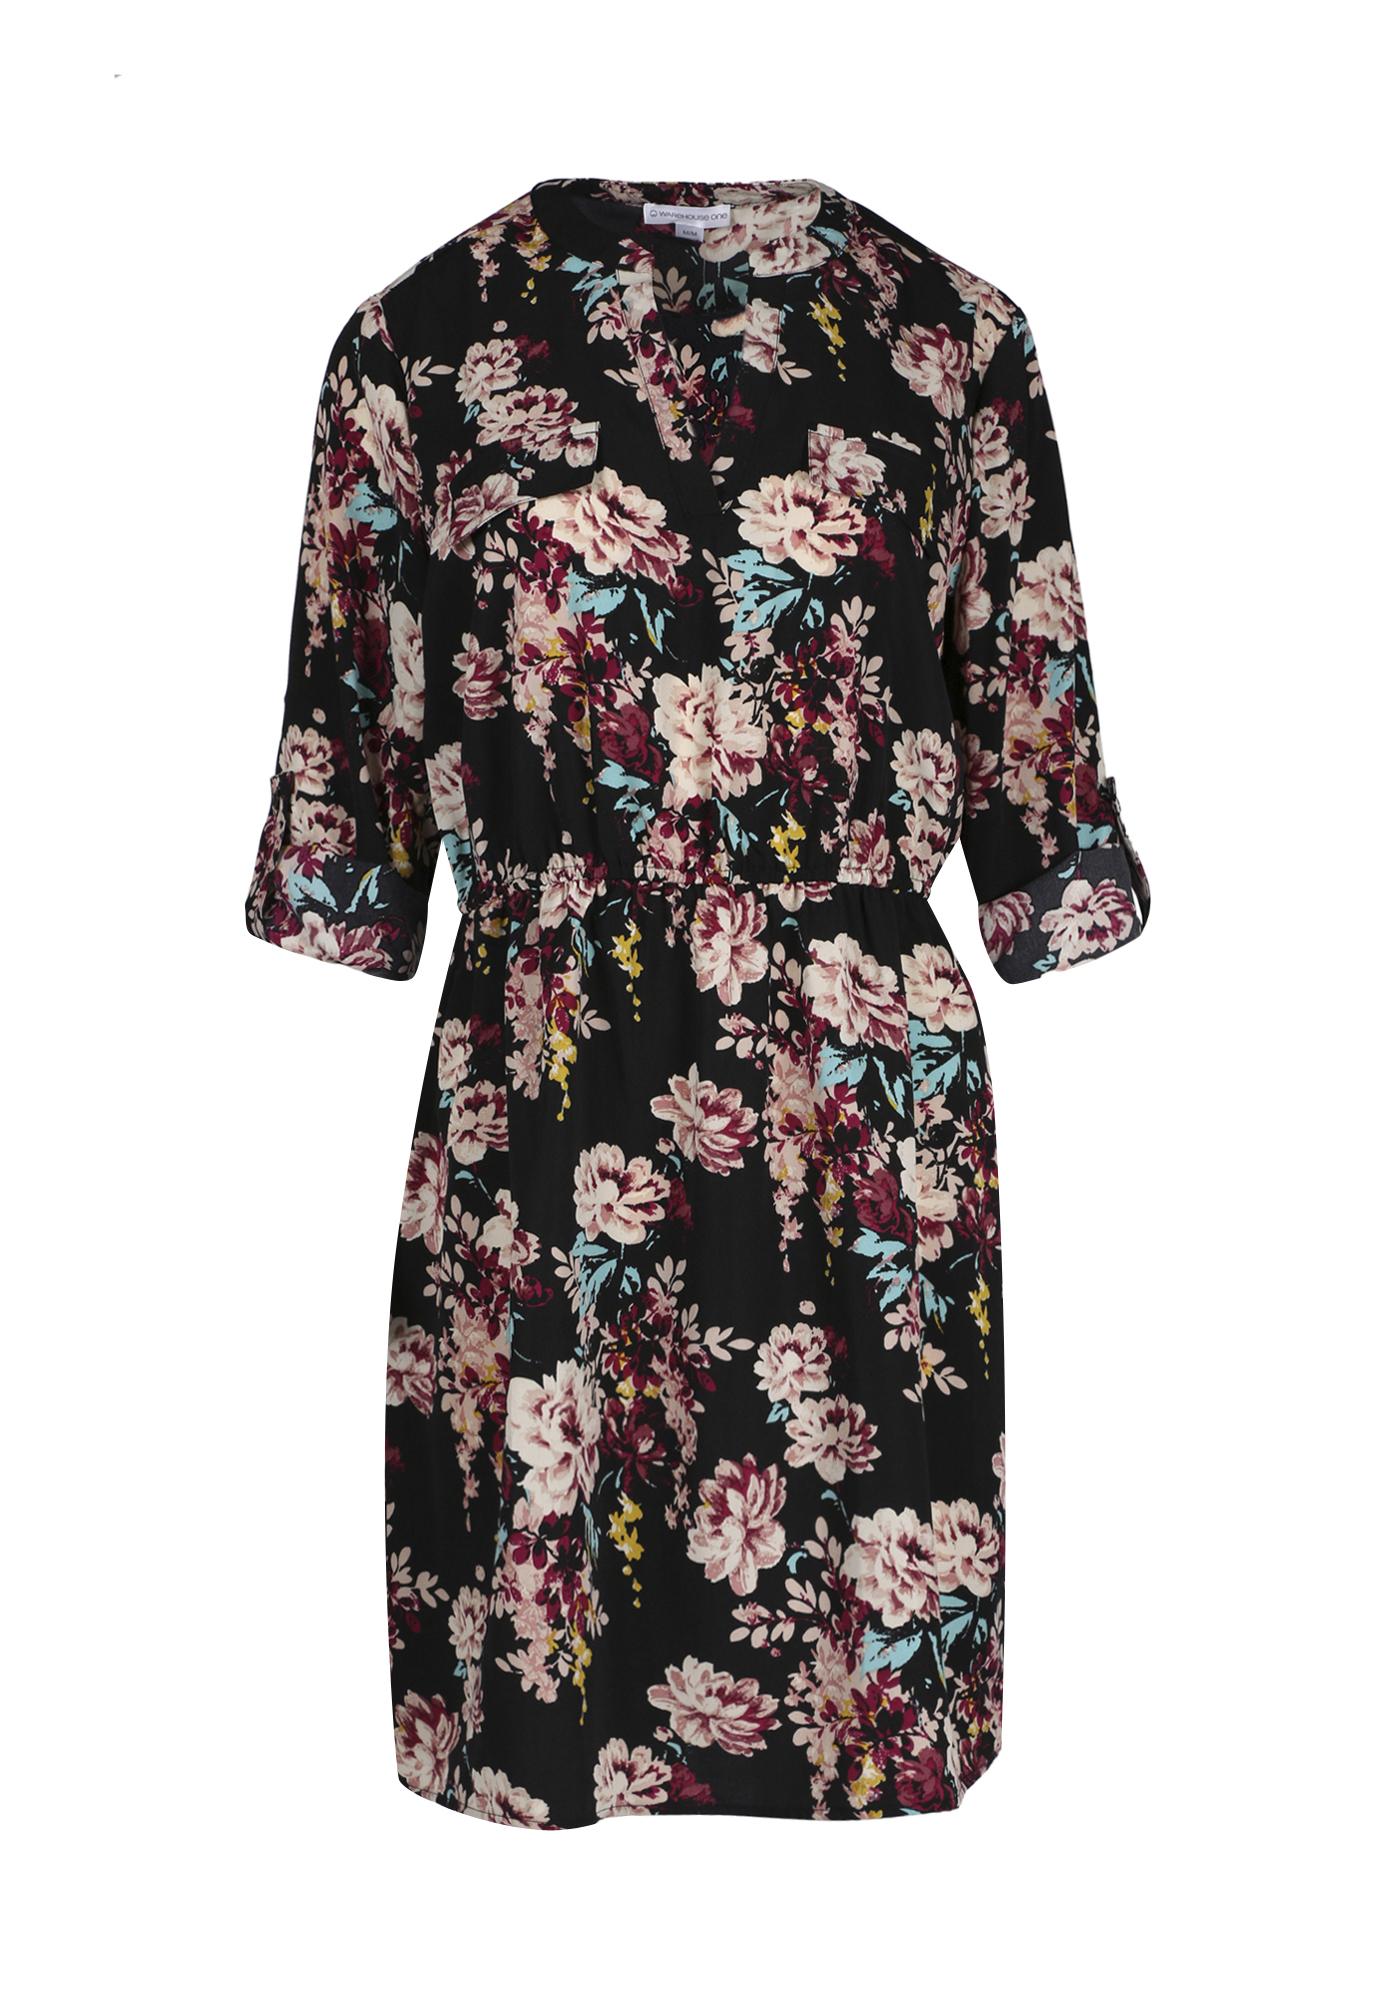 12d38d5f9feb Women s Floral Shirt Dress